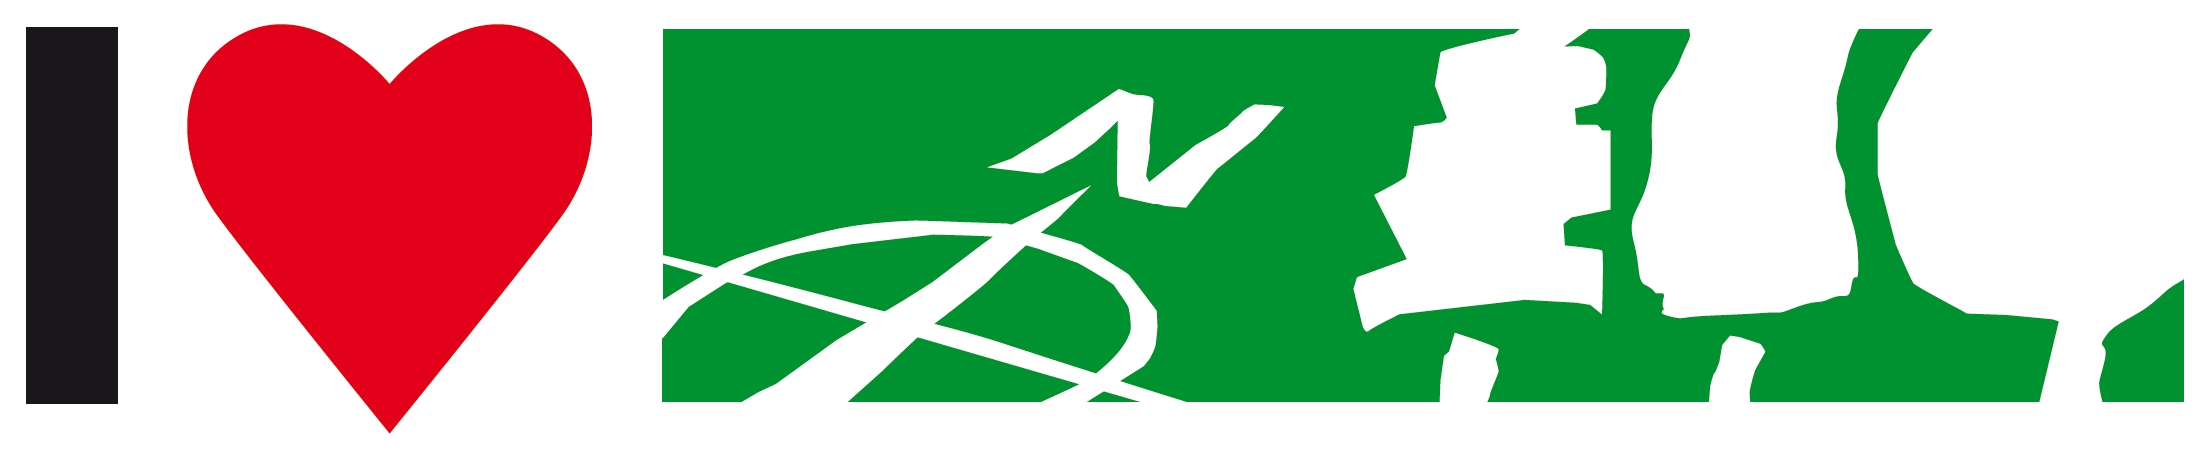 waldkompass-aargau.ch